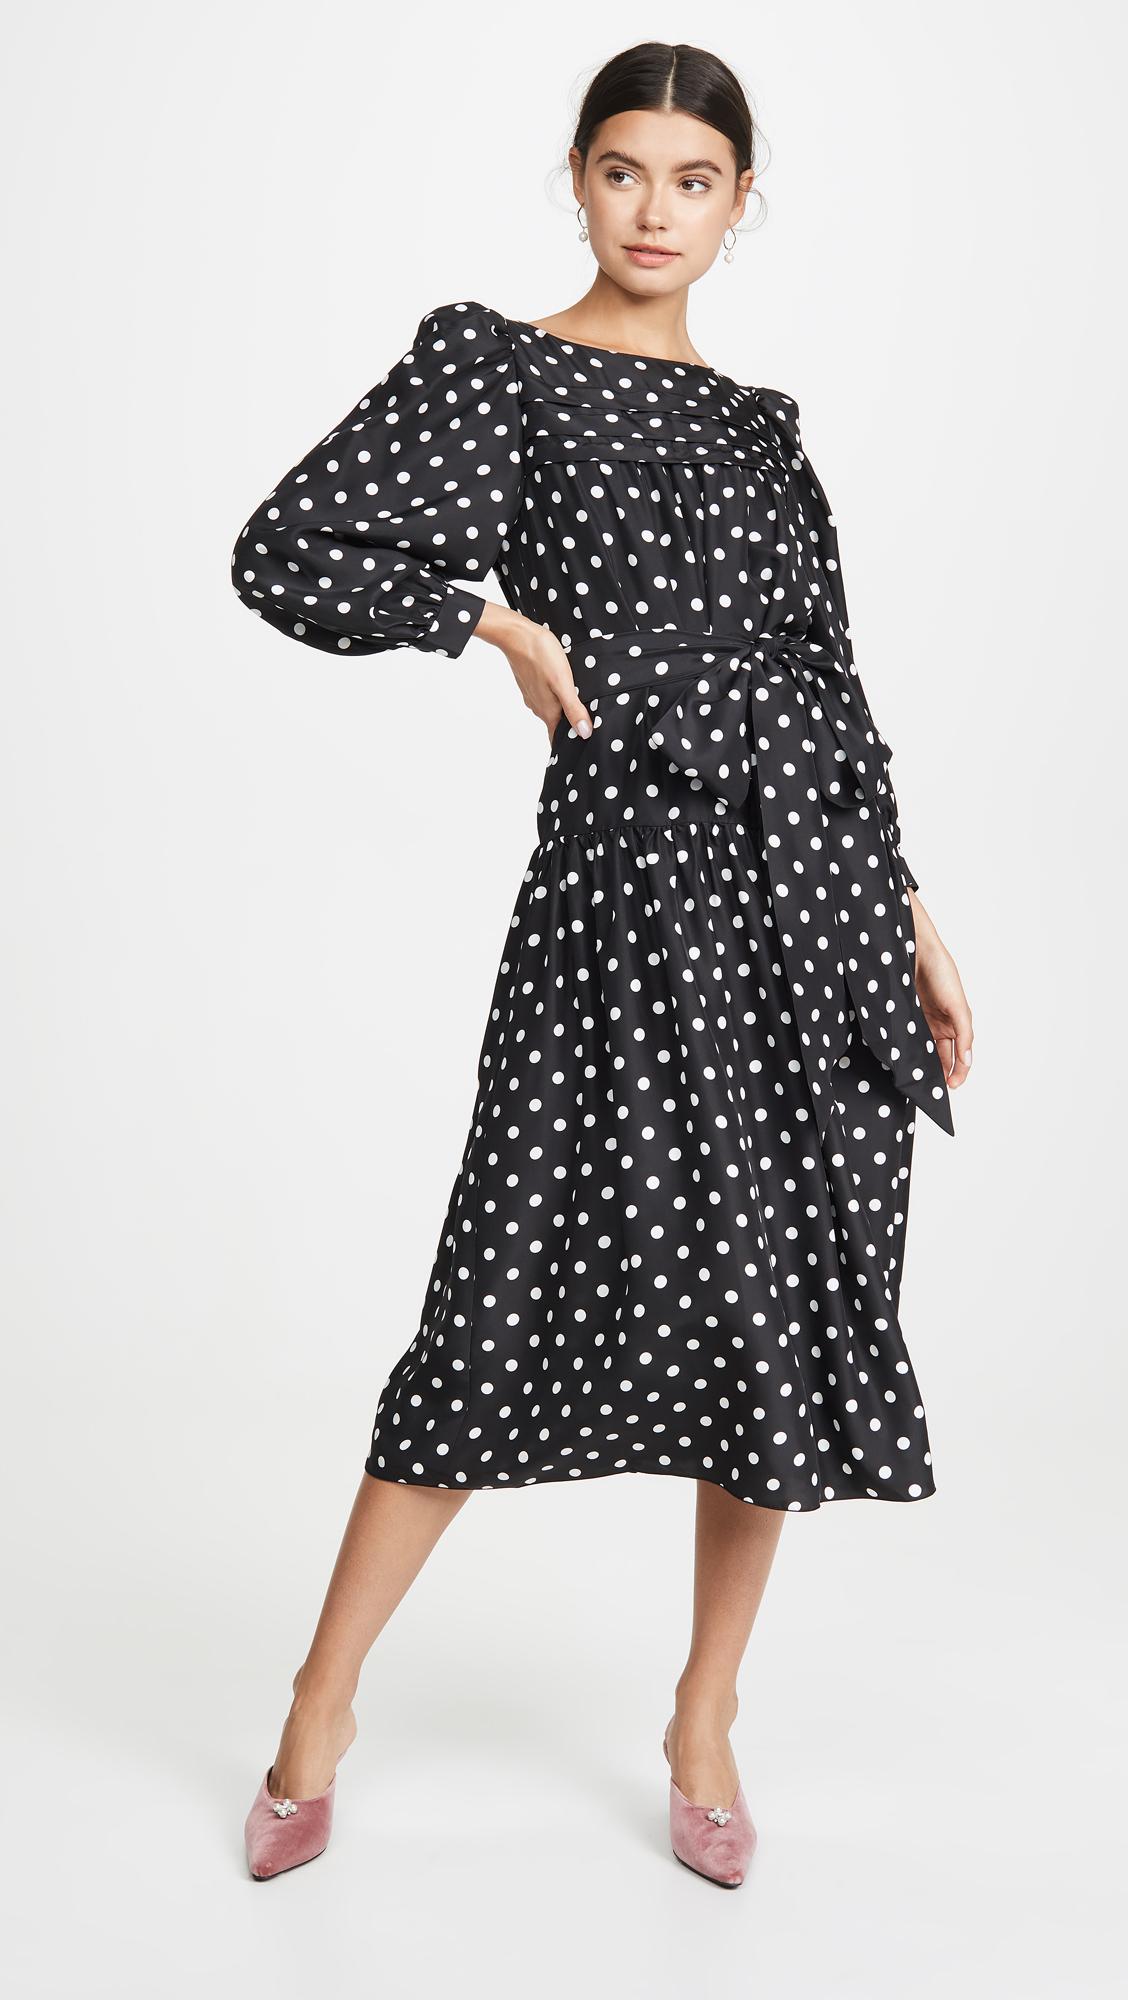 6折!Marc Jacobs點點優雅洋裝